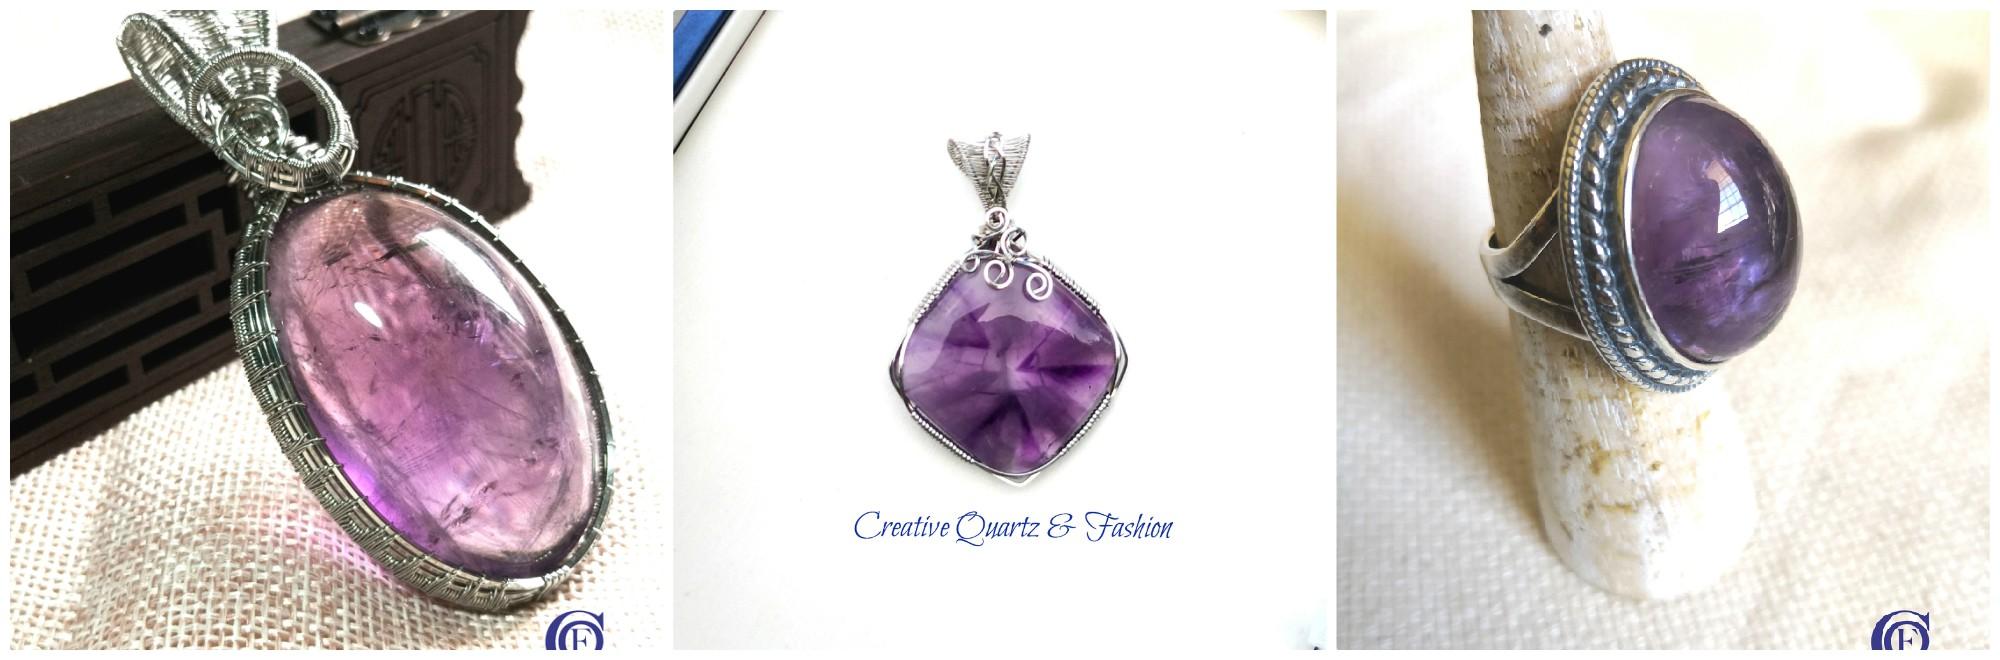 佩戴高贵典雅的紫水晶,可衬托出女性气质。不管你想要一款紫水晶项链或手链,都可到 Creative Quartz & Fashion选购。